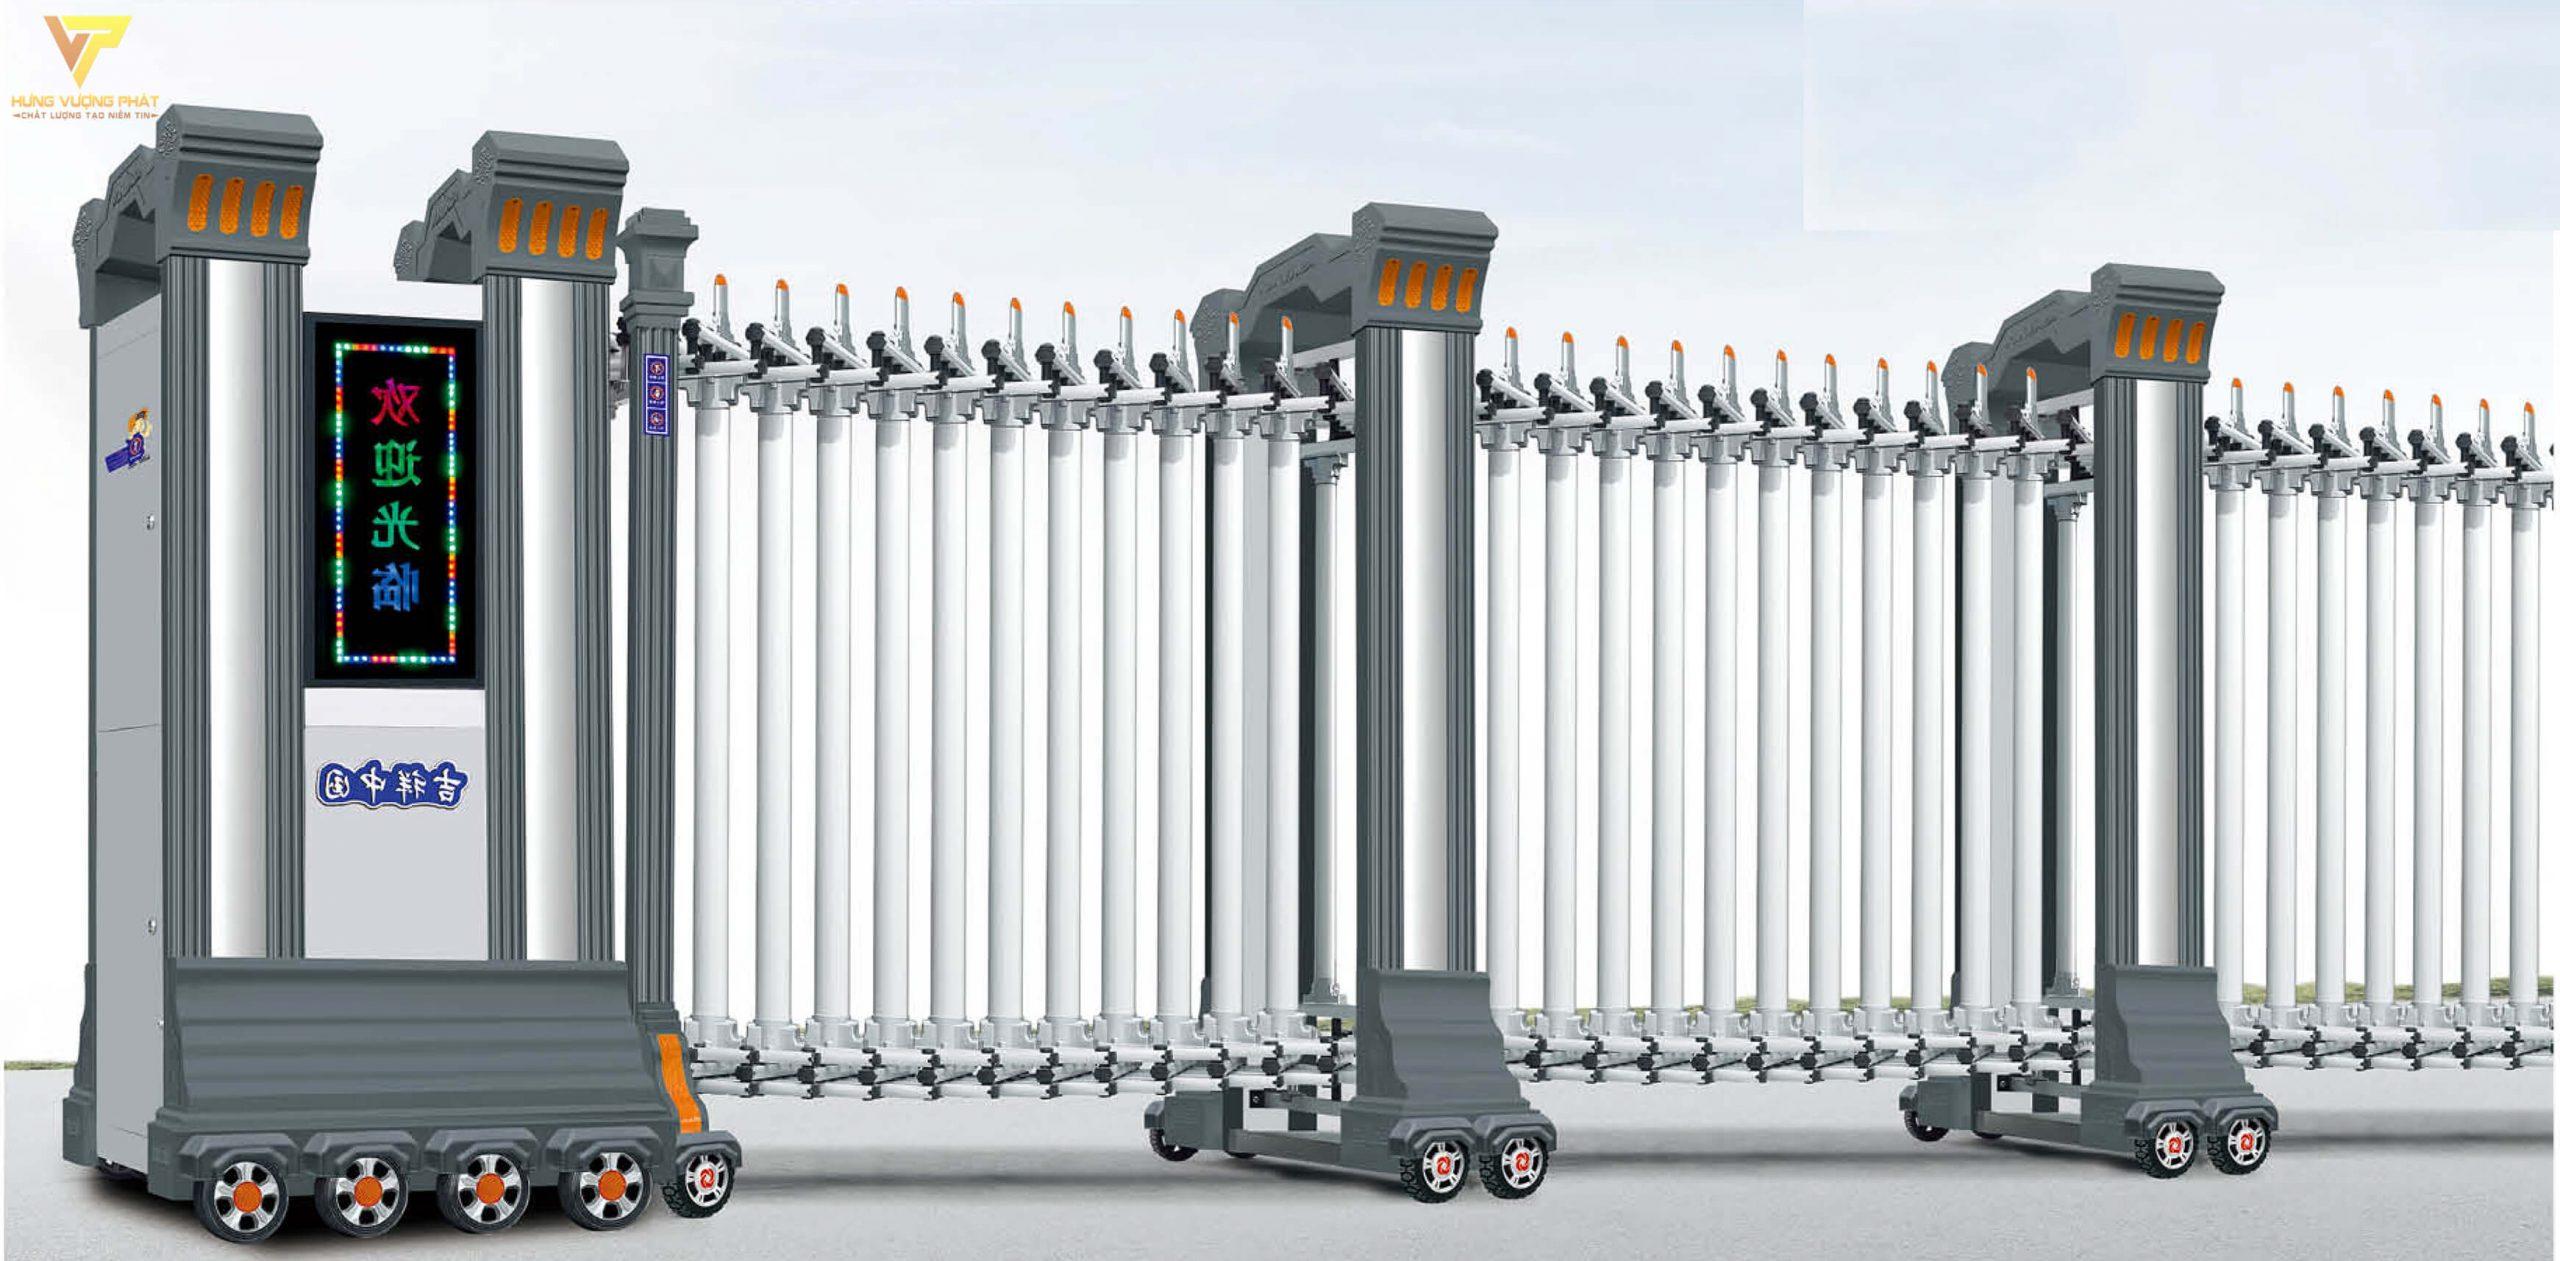 Cổng xếp hợp kim nhôm chạy điện tự động HN10